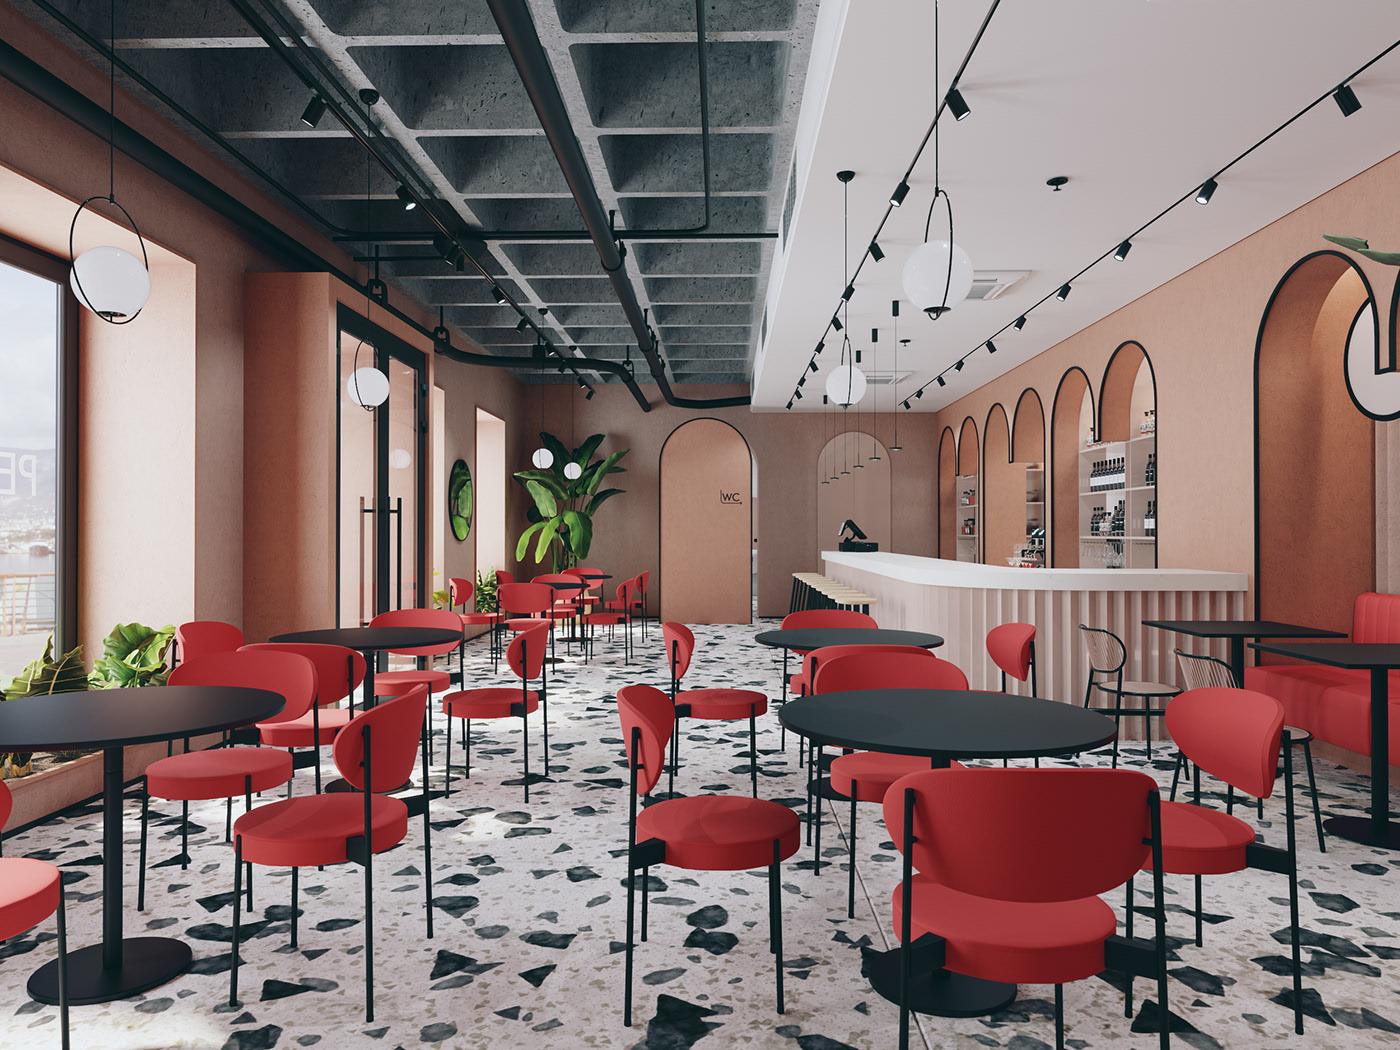 Thiết kế trang trí nội thất quán cafe sang trọng lịch sự